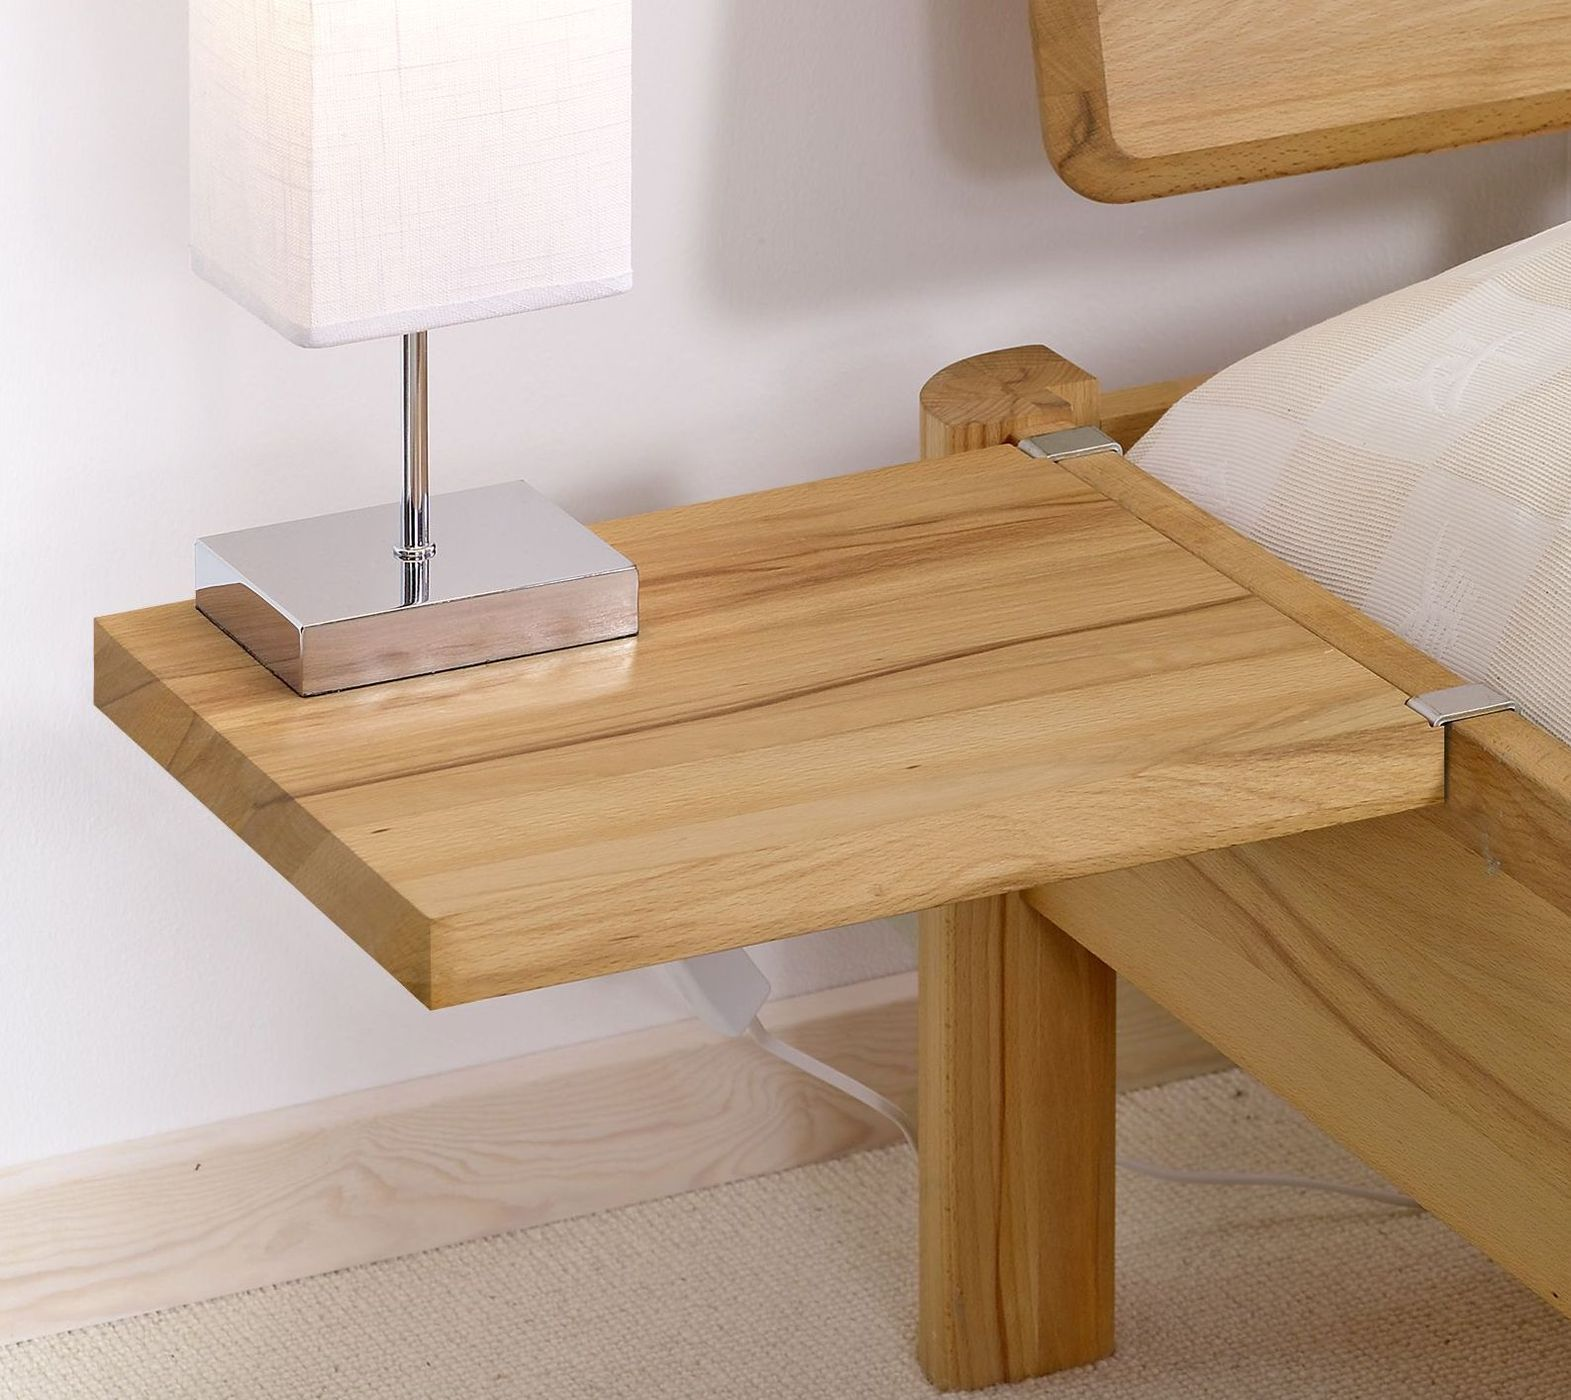 Nachttisch Aus Eiche Zum Einhangen Pavia Betten De